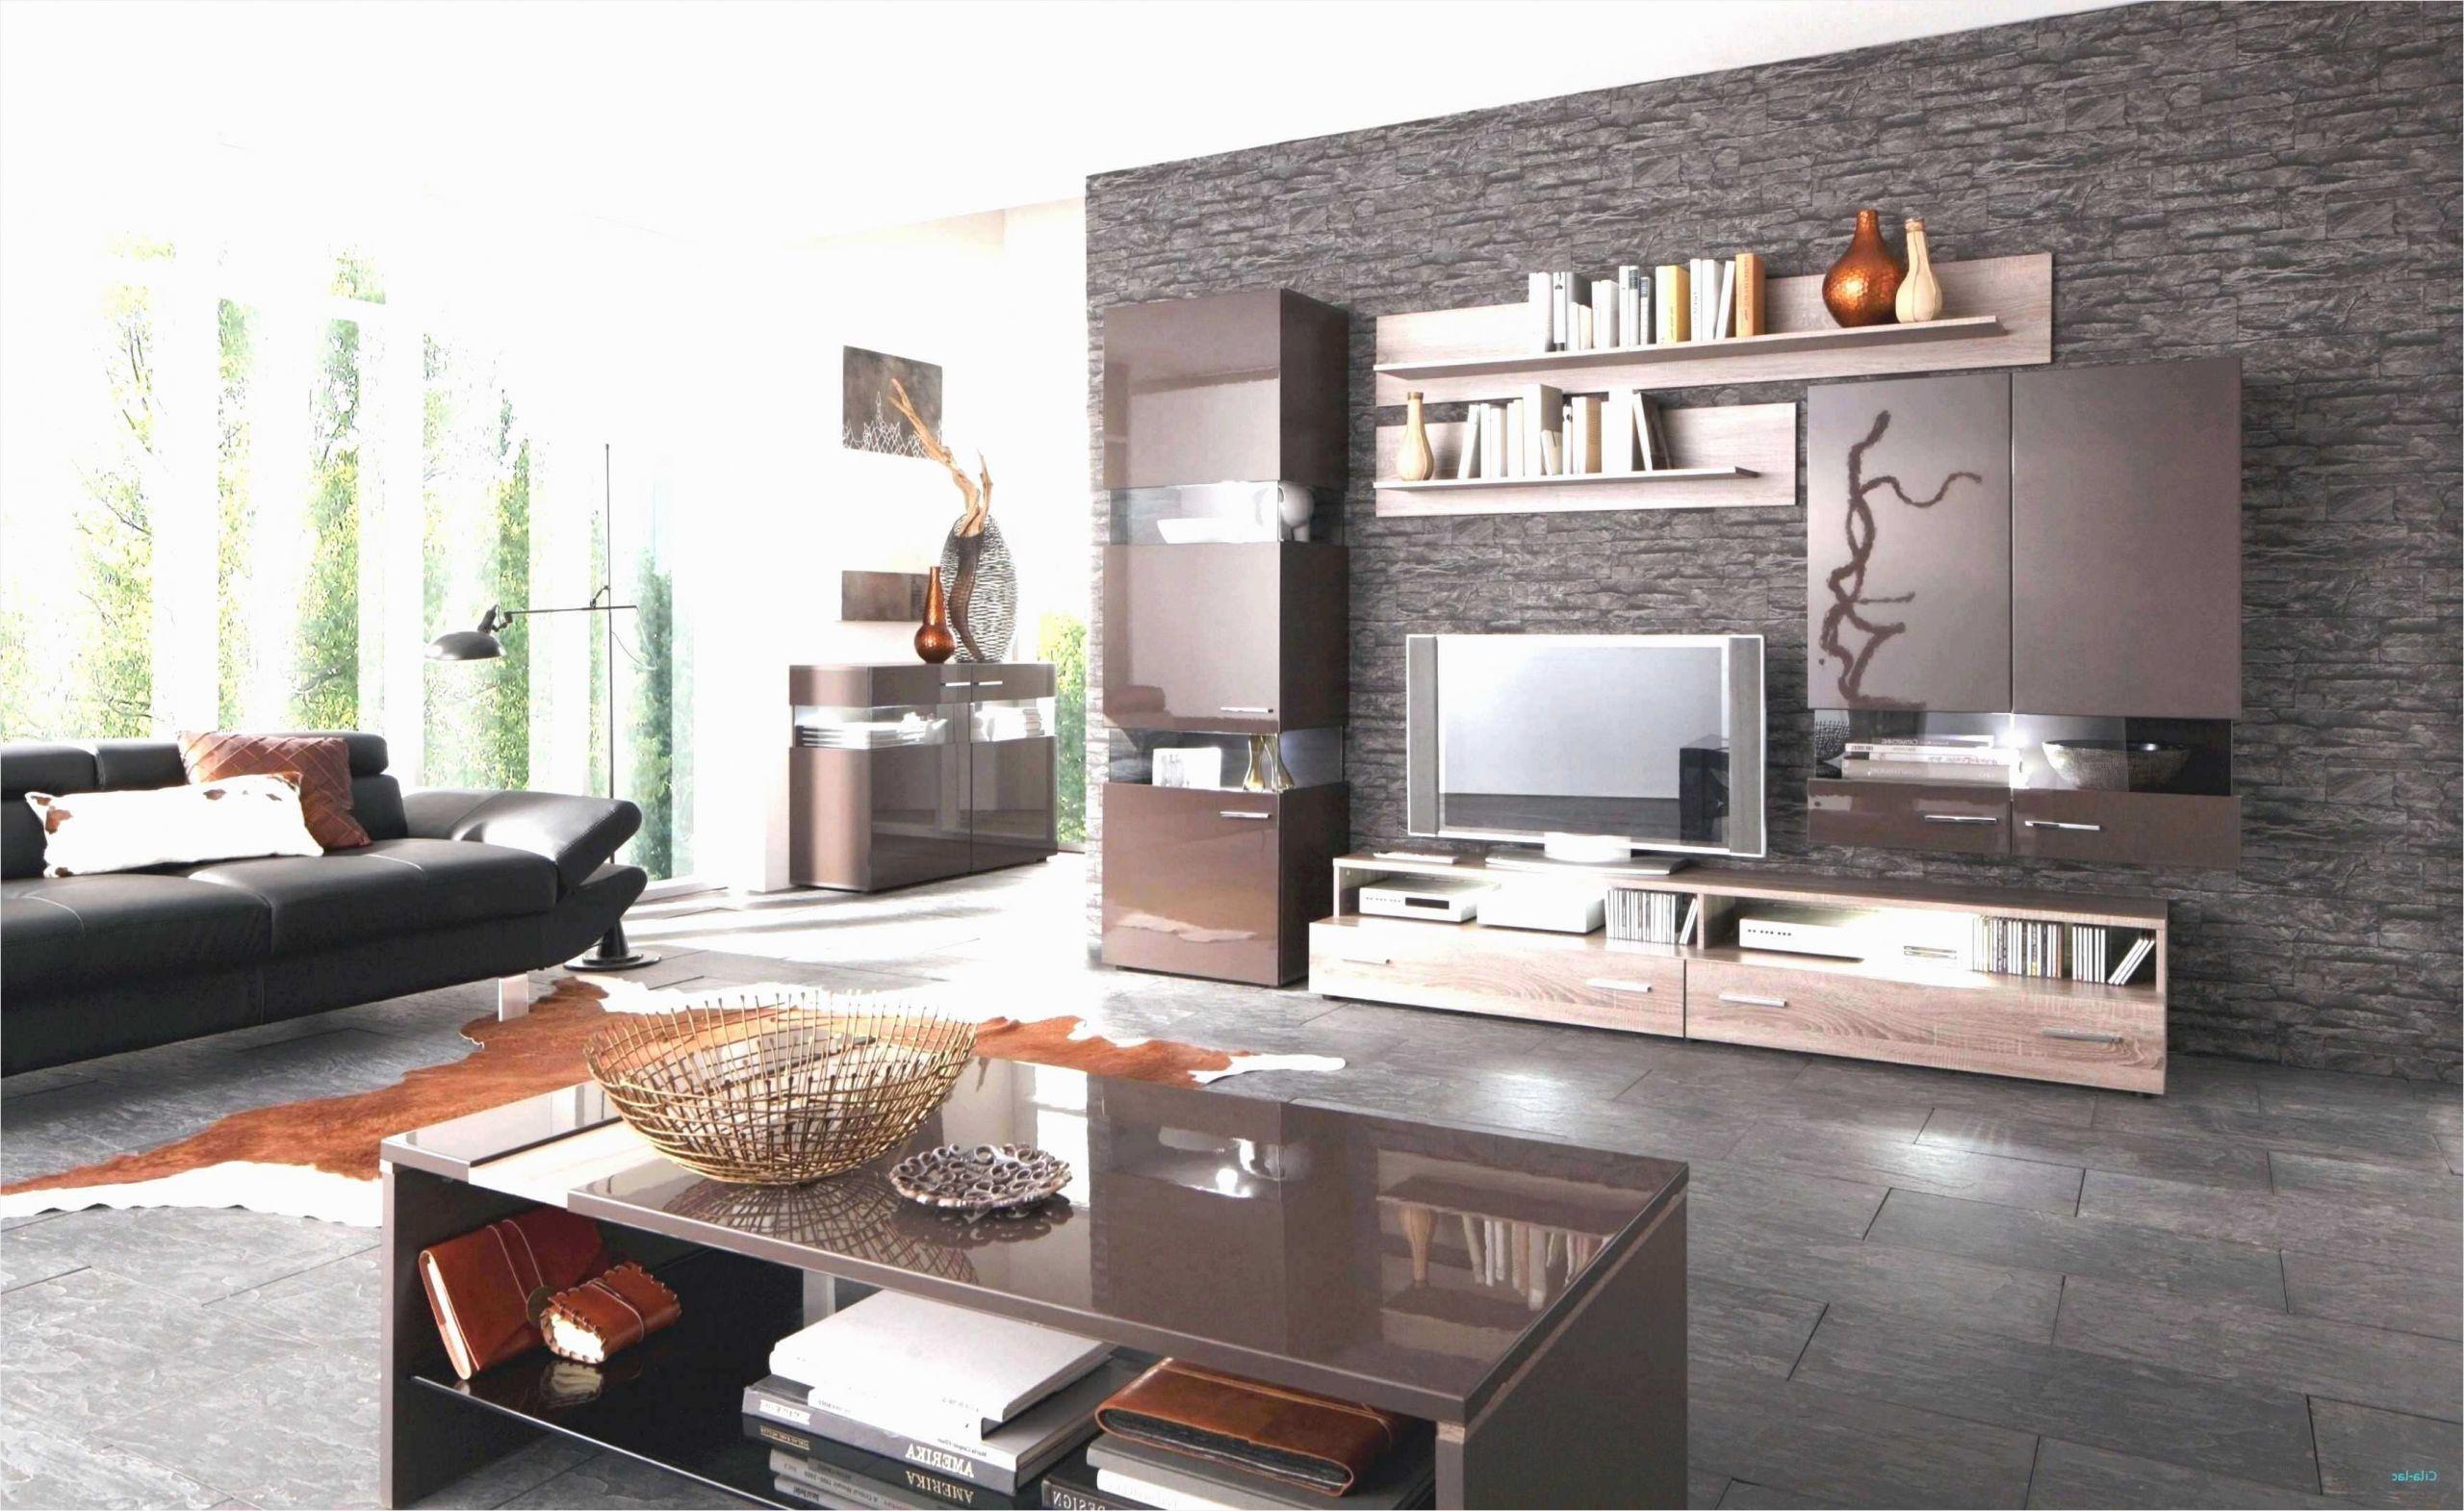 wohnen und dekorieren reizend 56 schon wohnung deko ideen dekoideen wohnzimmer klassisch of wohnen und dekorieren